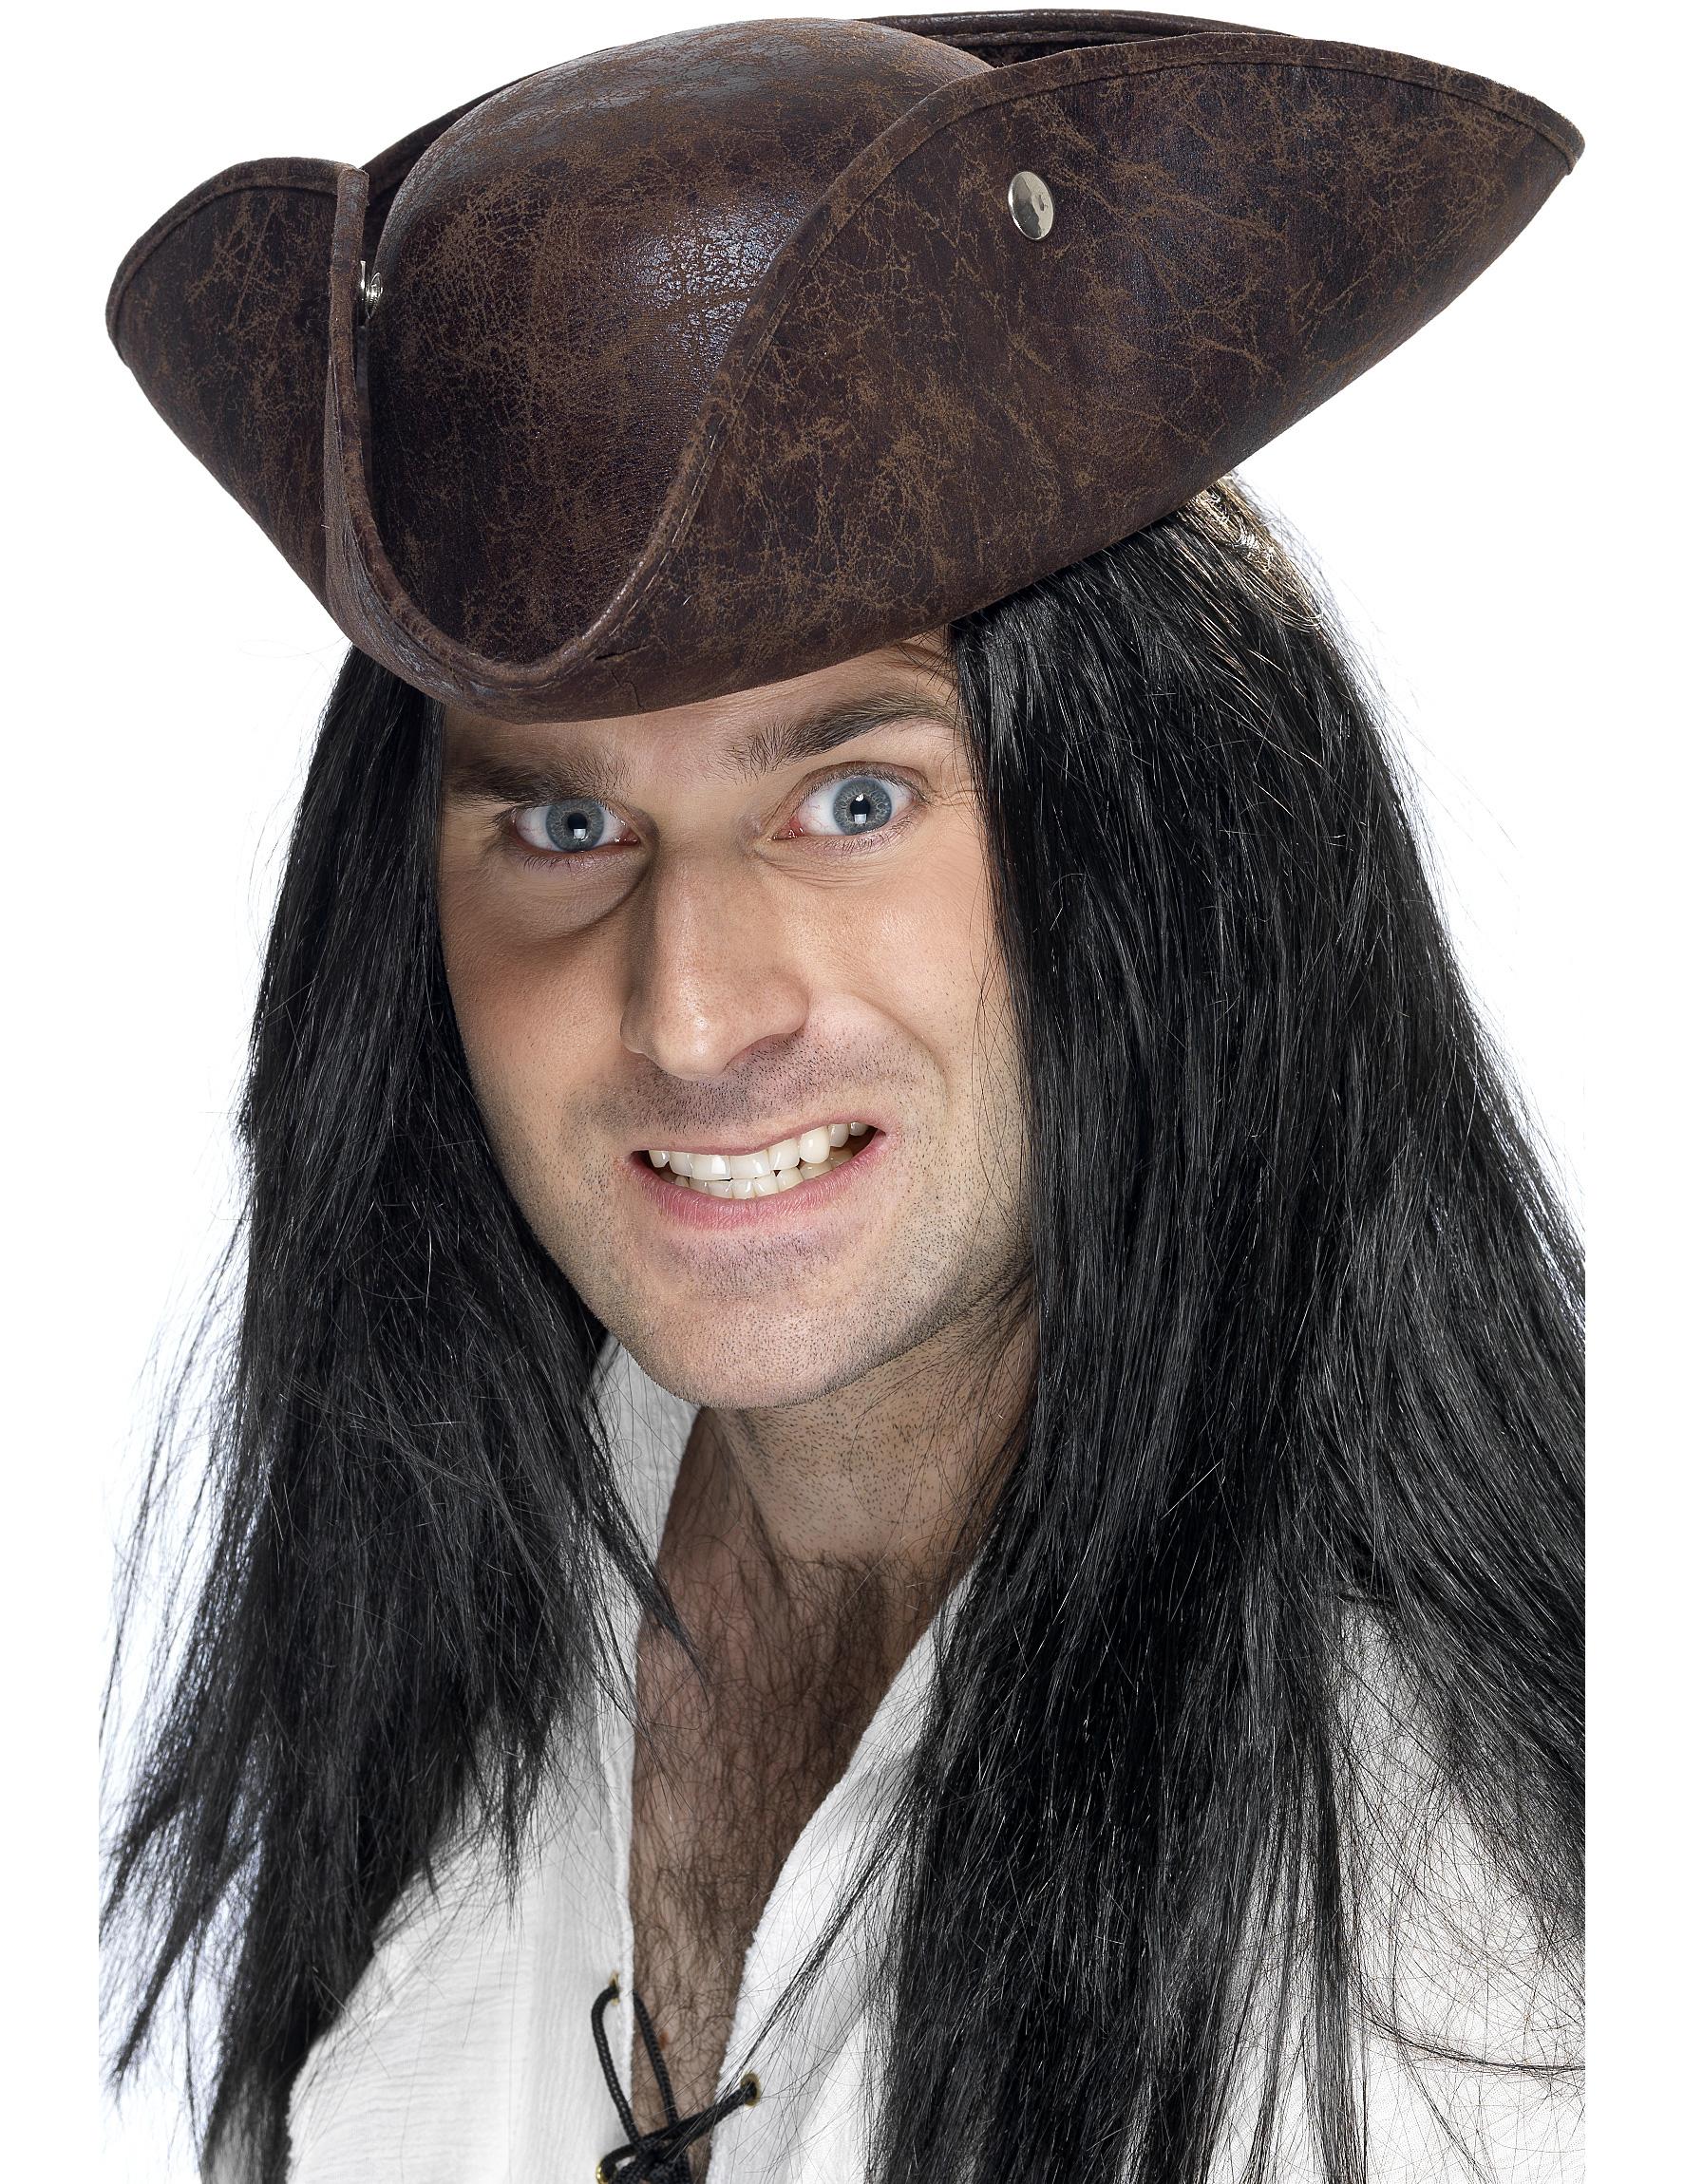 Cappelli da pirata per tutte le teste e tutte le tasche - Vegaoo.it 6ad925b49d32